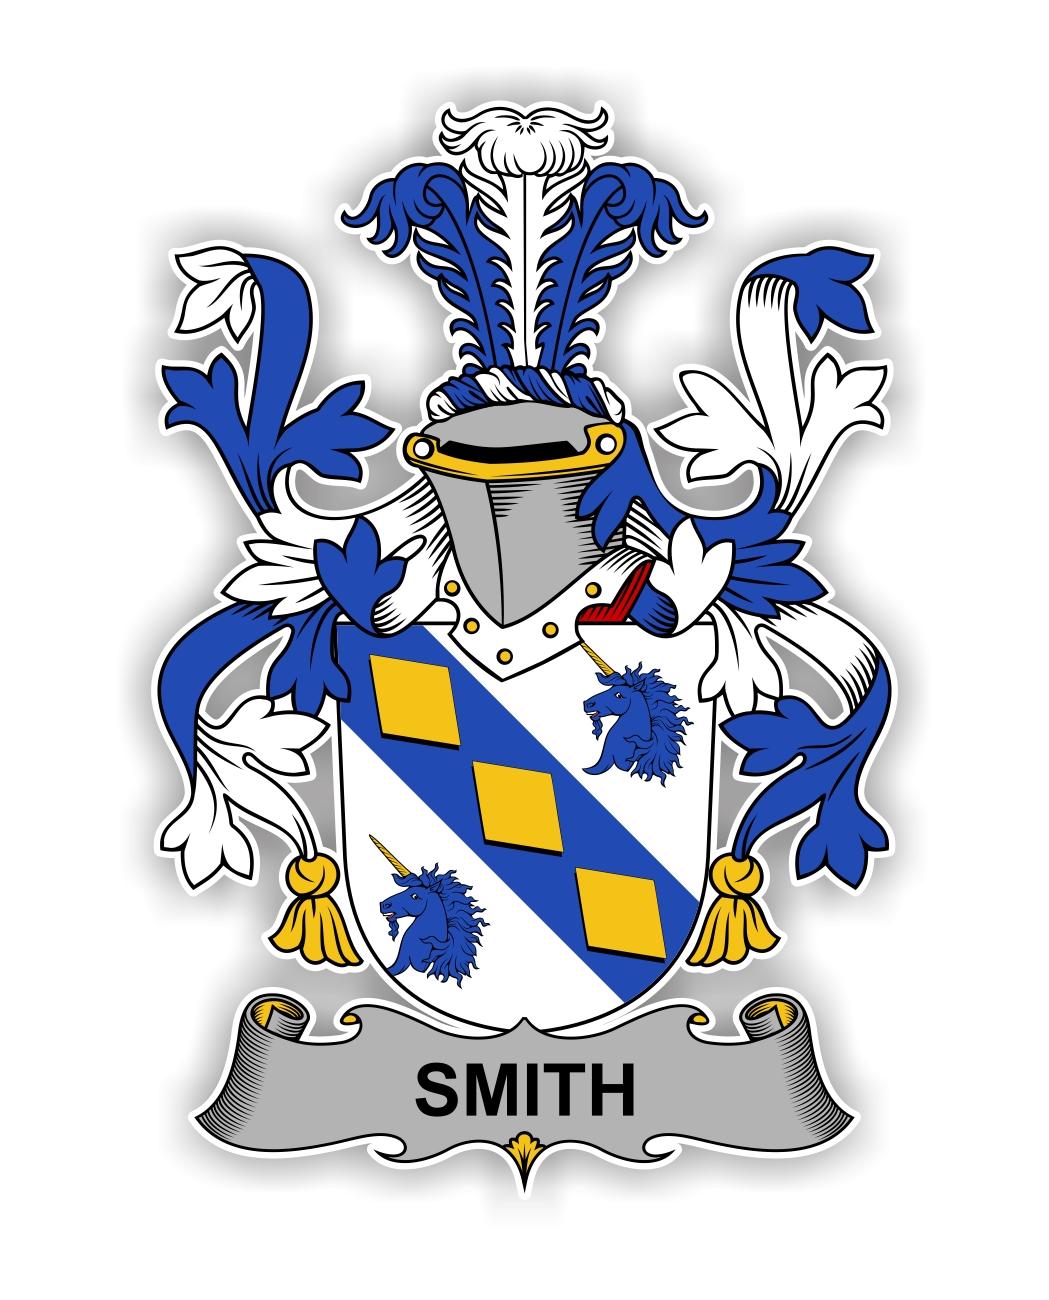 Smith Family Crest Vinyl Die Cut Decal Sticker 4 Sizes